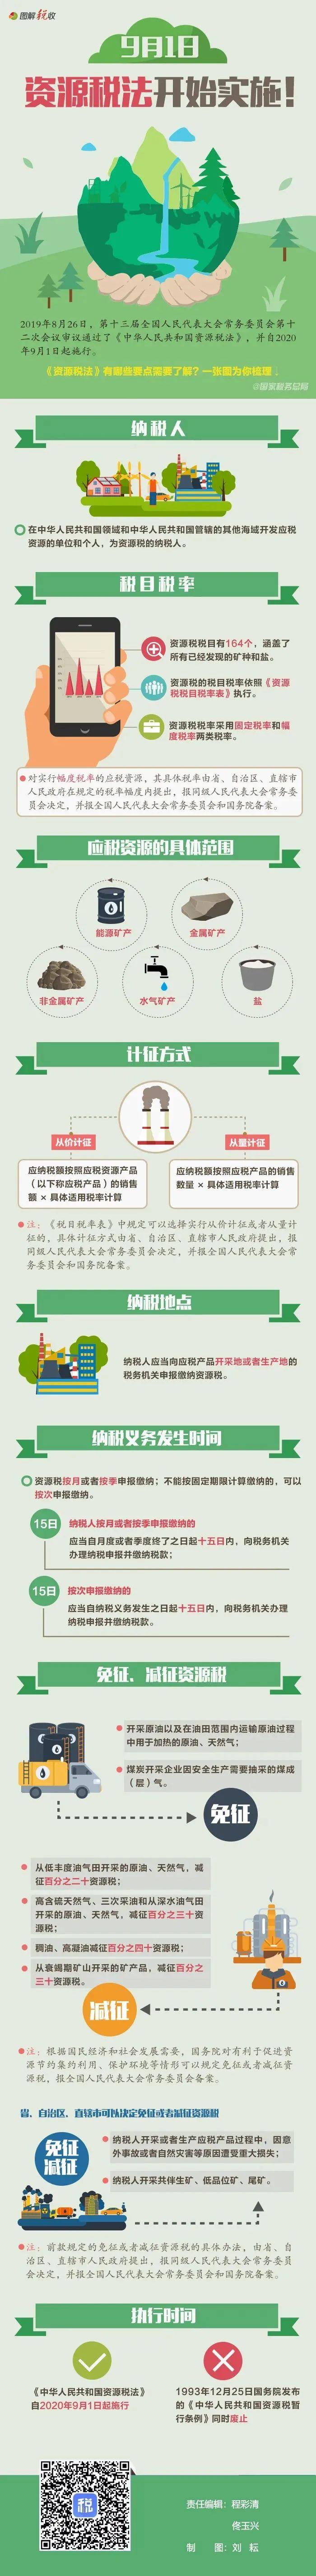 资源税法今日起施行,助推企业绿色转型升级